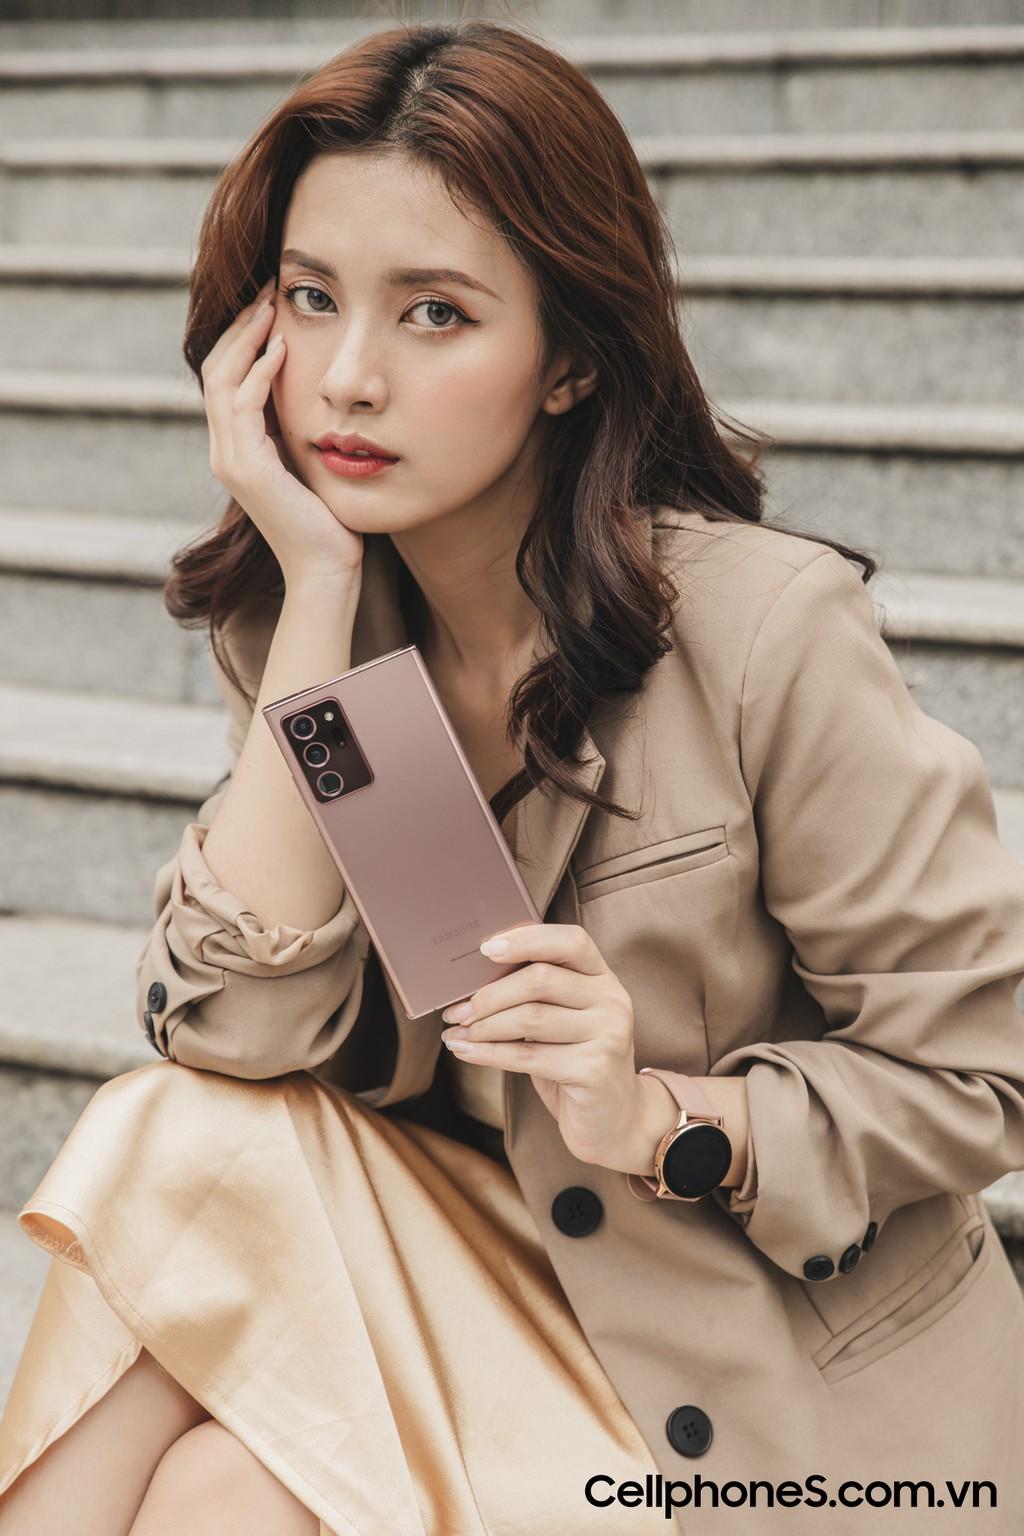 Sau hơn nửa năm ra mắt, Galaxy Note 20 Ultra bản 5G giảm chỉ còn 21 triệu ảnh 3